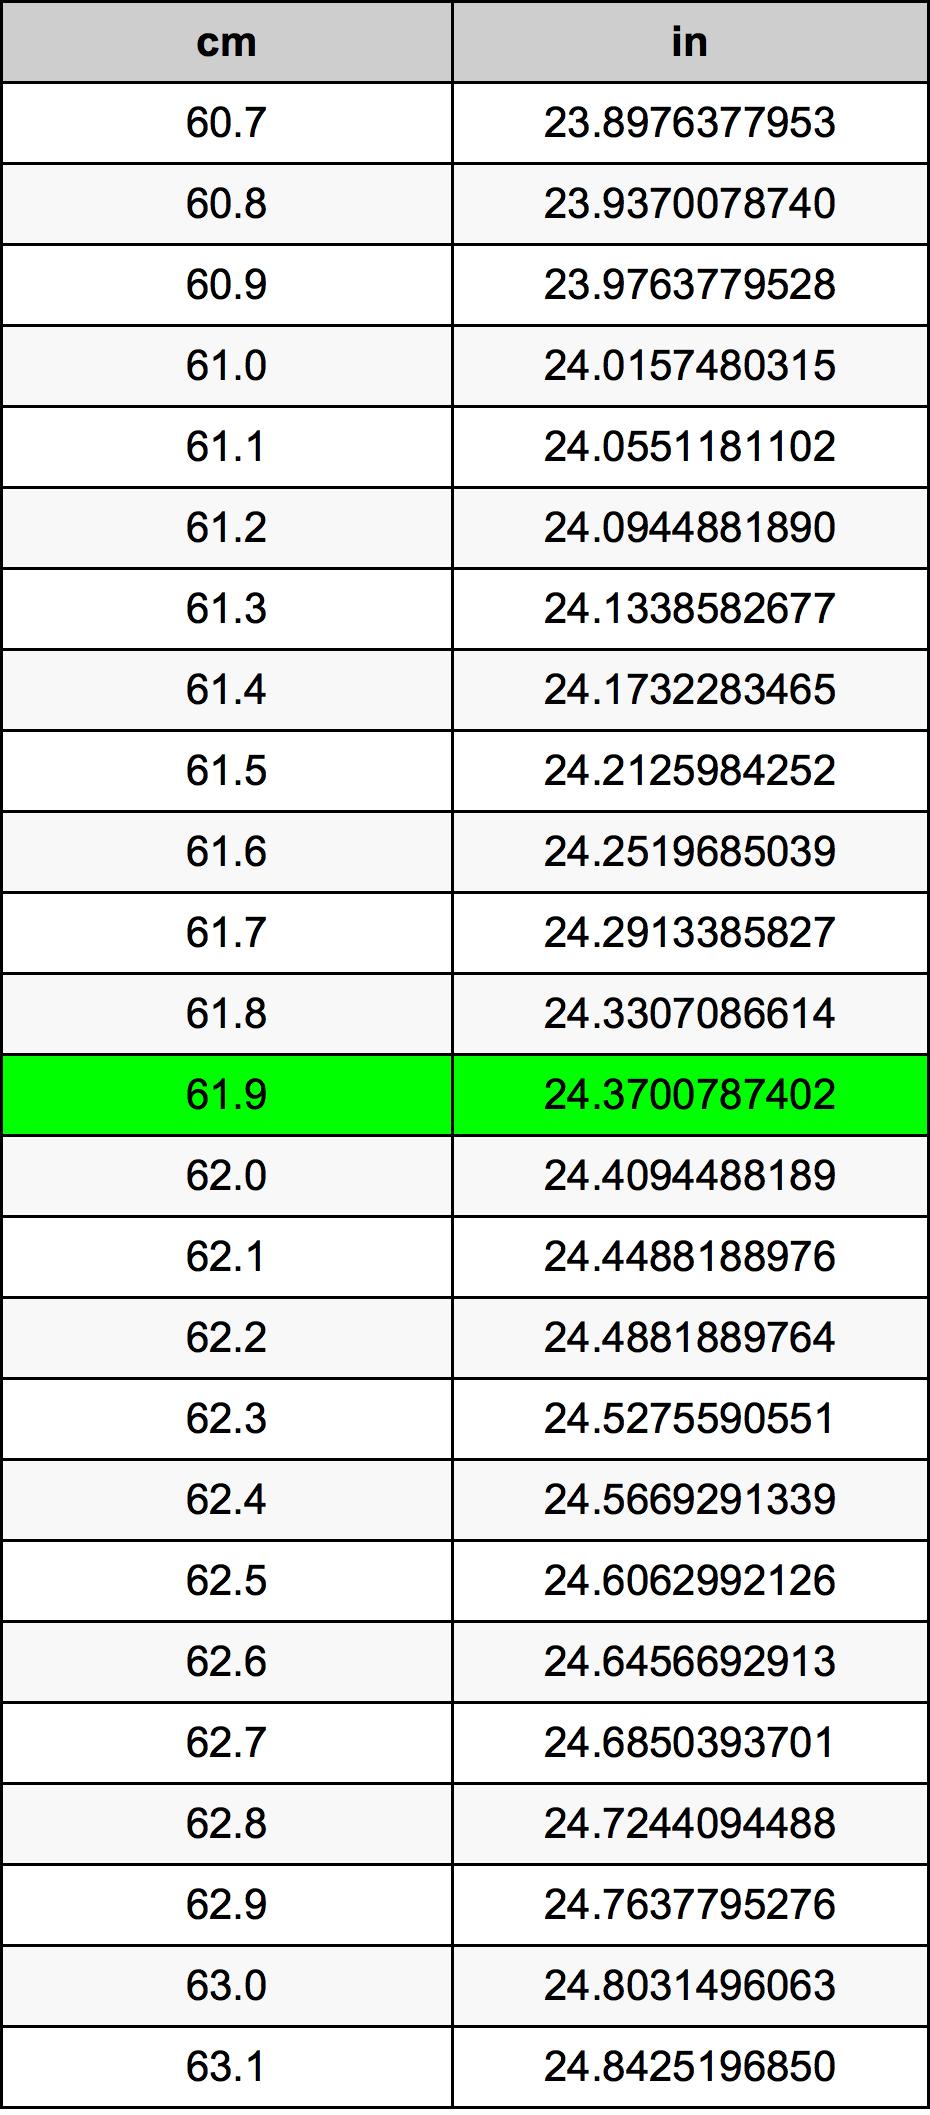 61.9厘米換算表